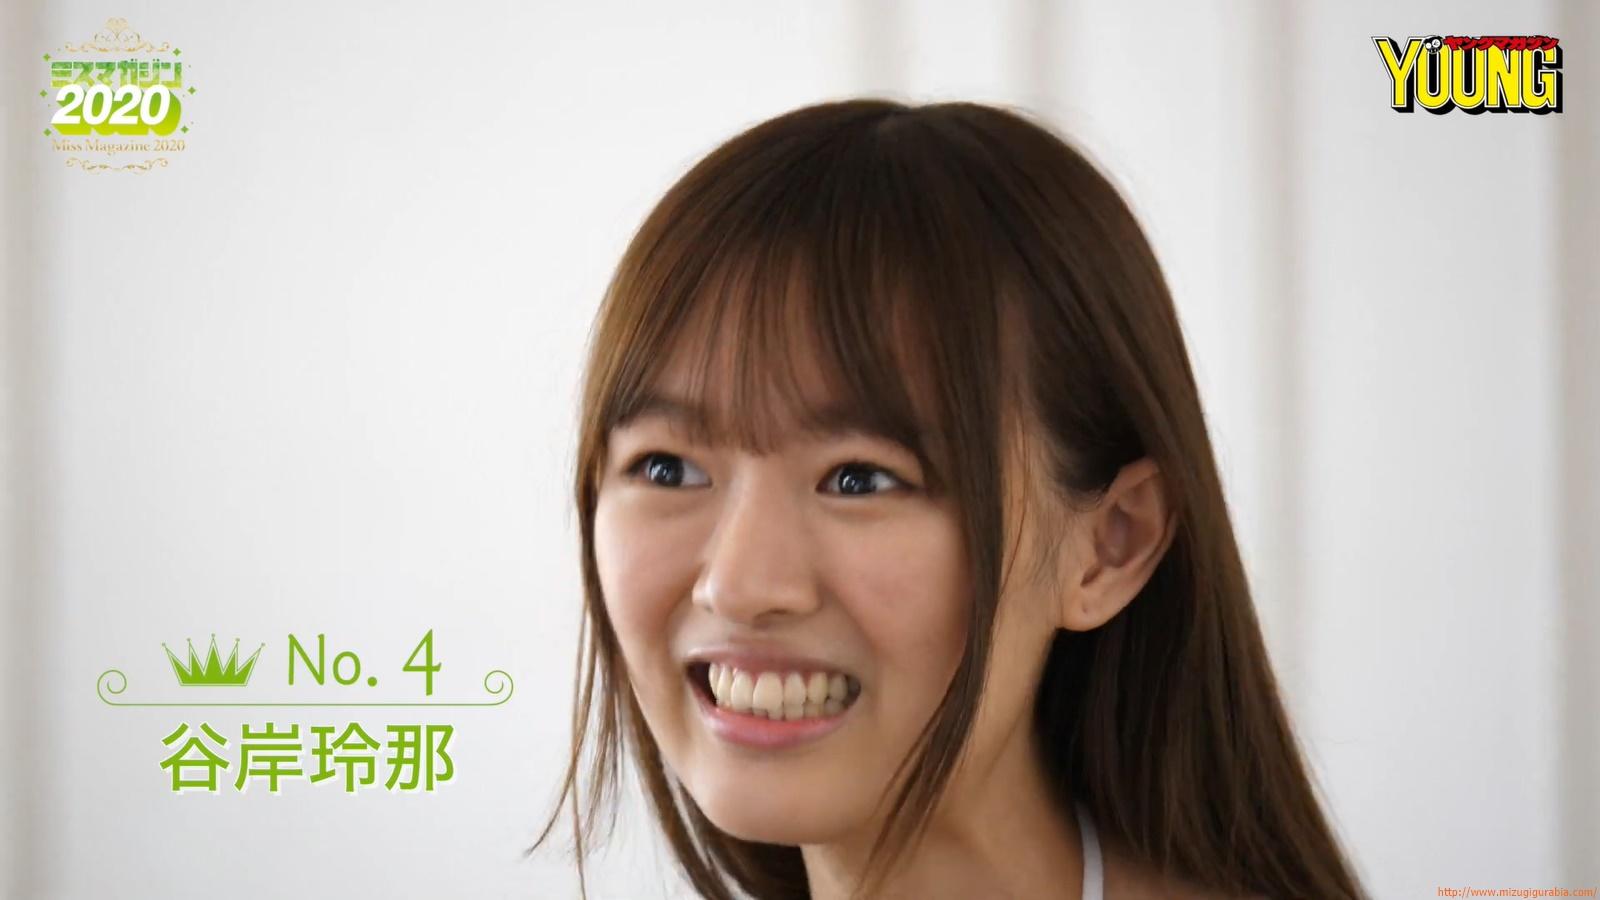 Miss Magazine 2020 Rena Tanegishi025